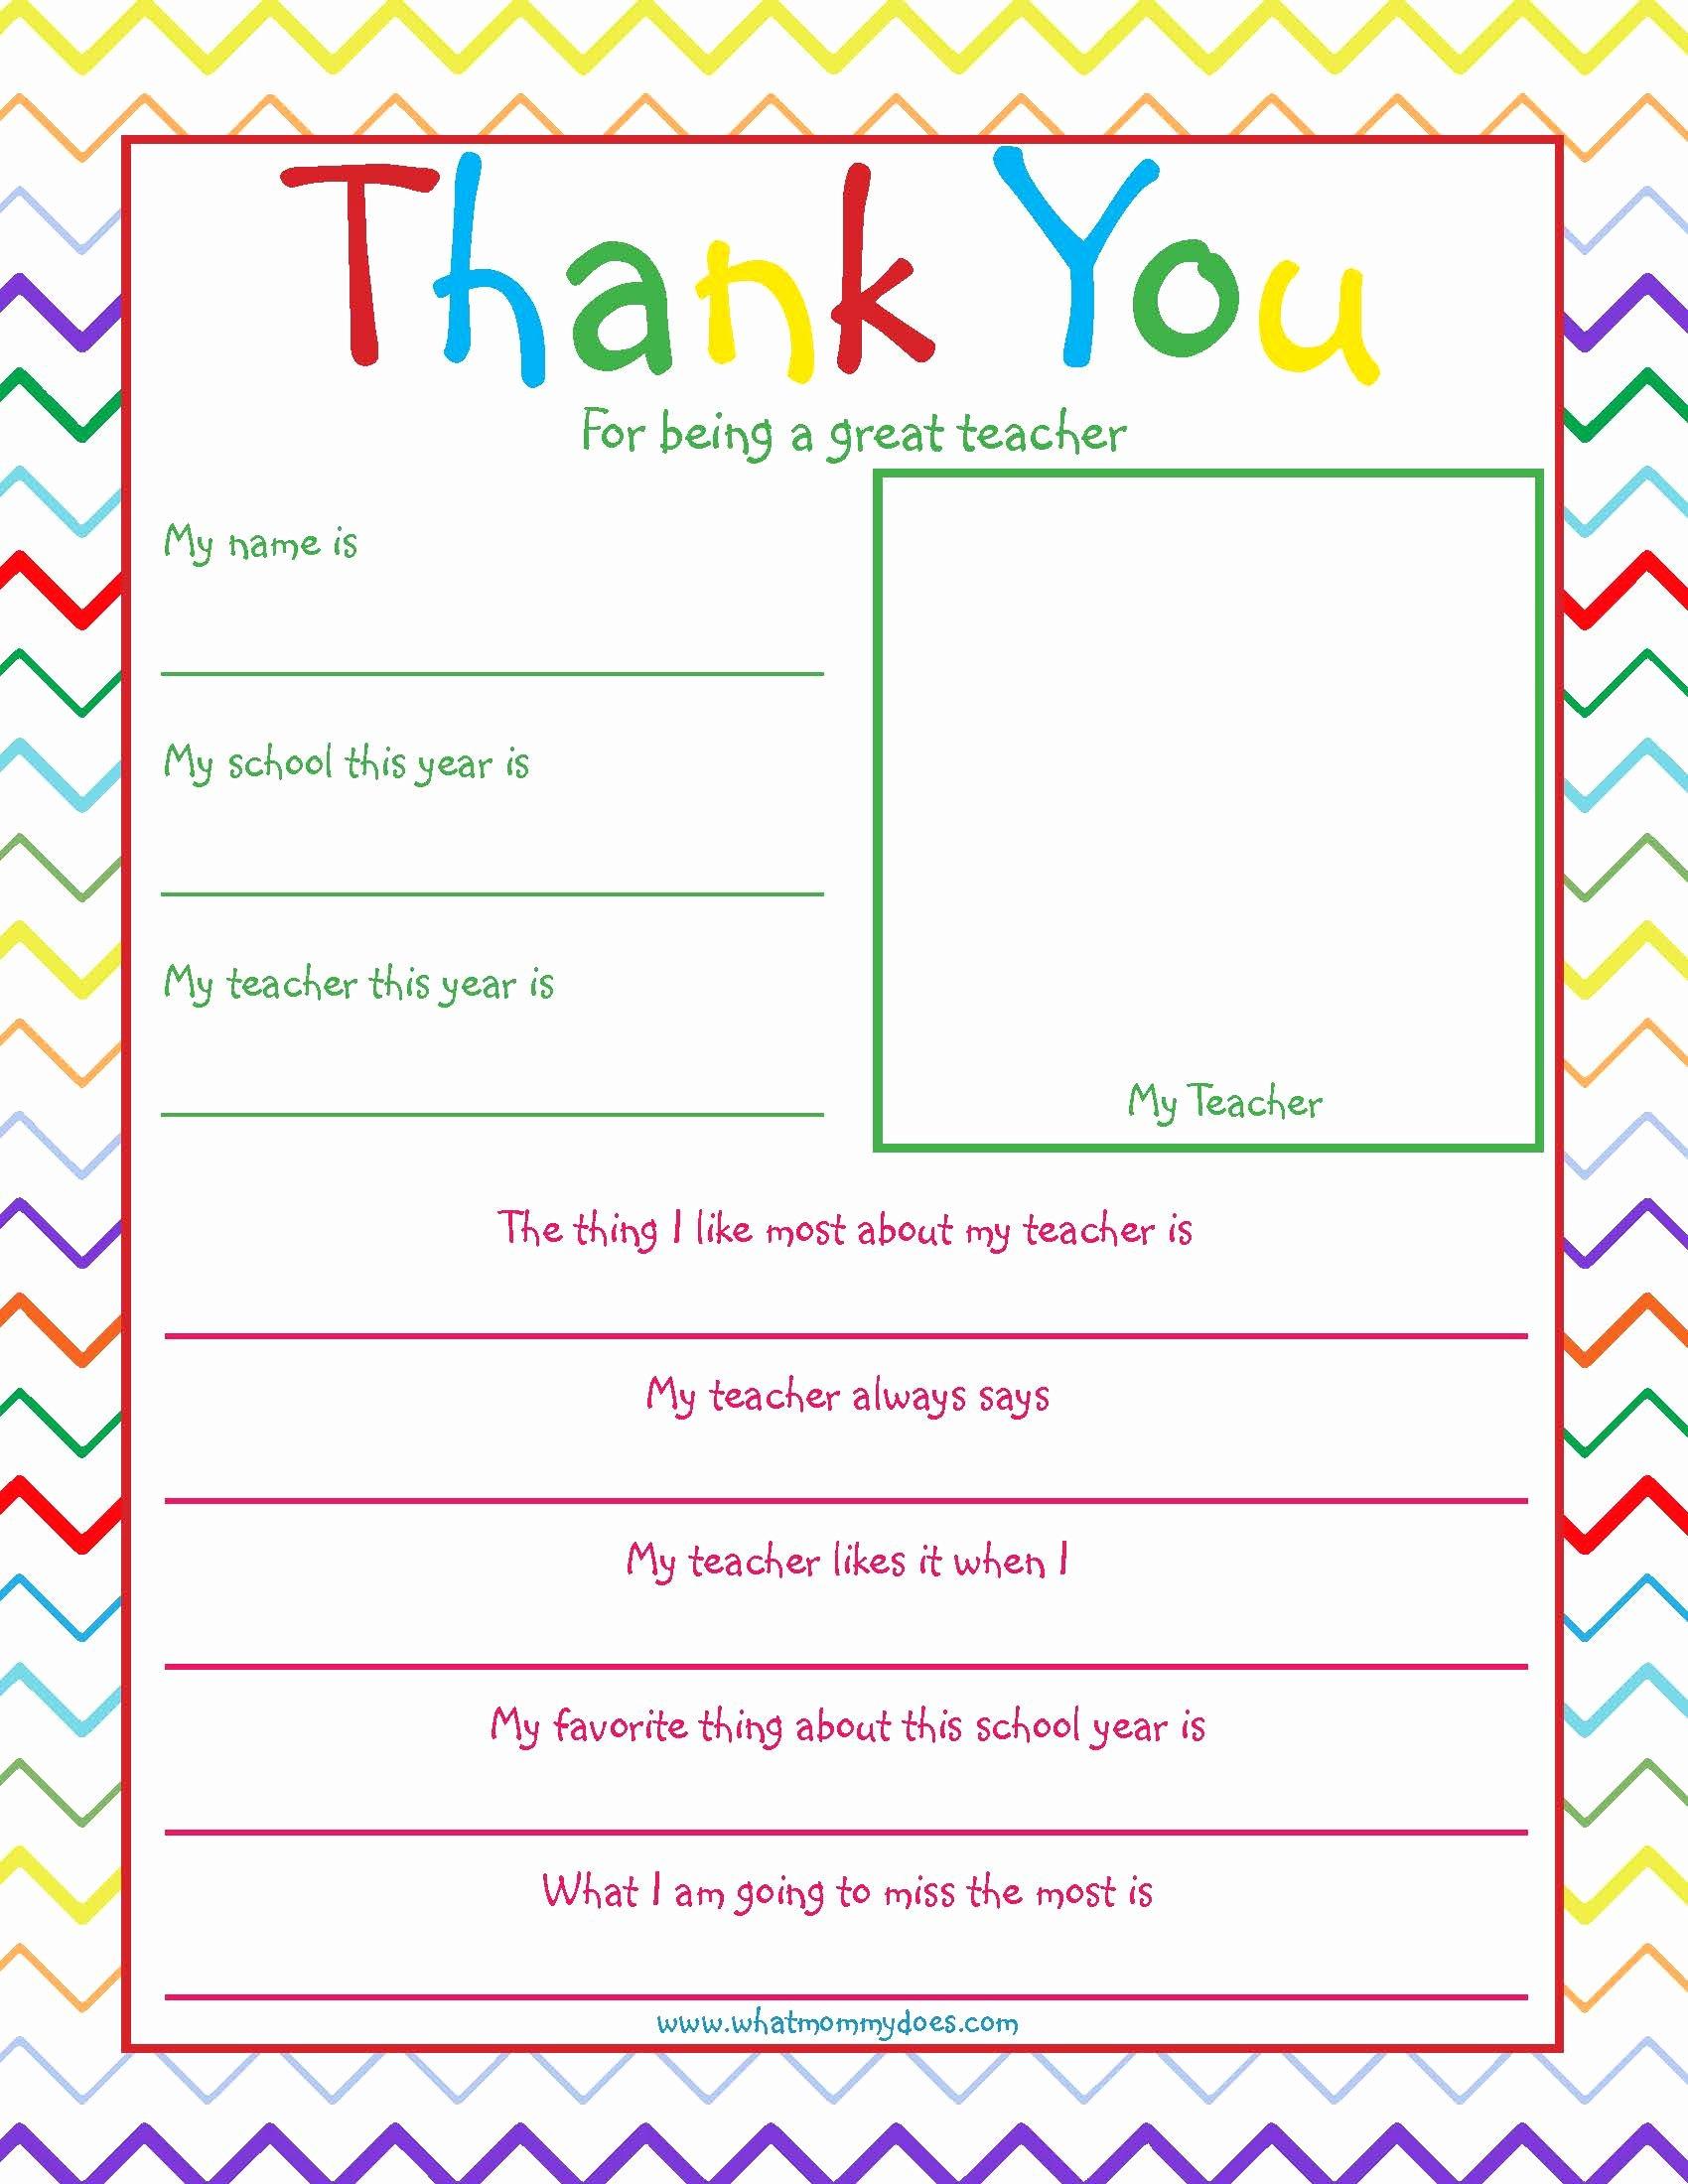 Thank You Note Teacher Luxury Free Printable Teacher Thank You Note so Cute What